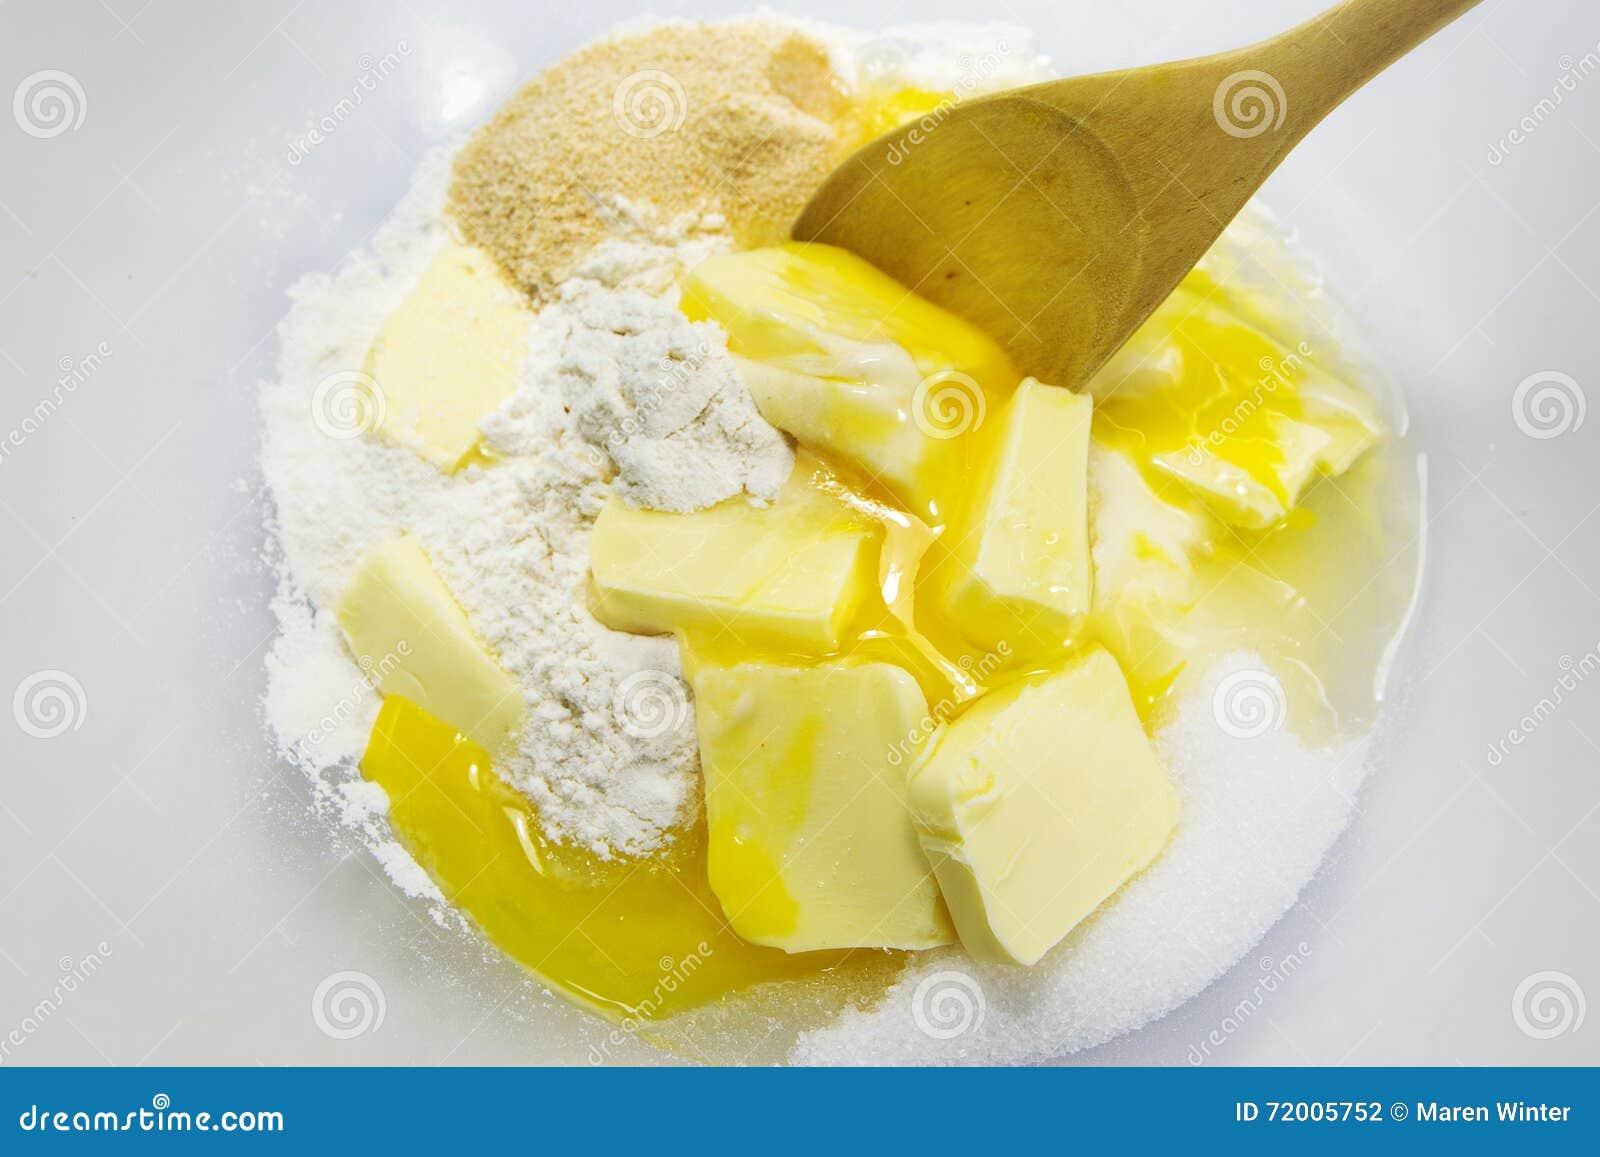 Ingrediënten voor shortcrustgebakje als bloem, eieren, boter en sug